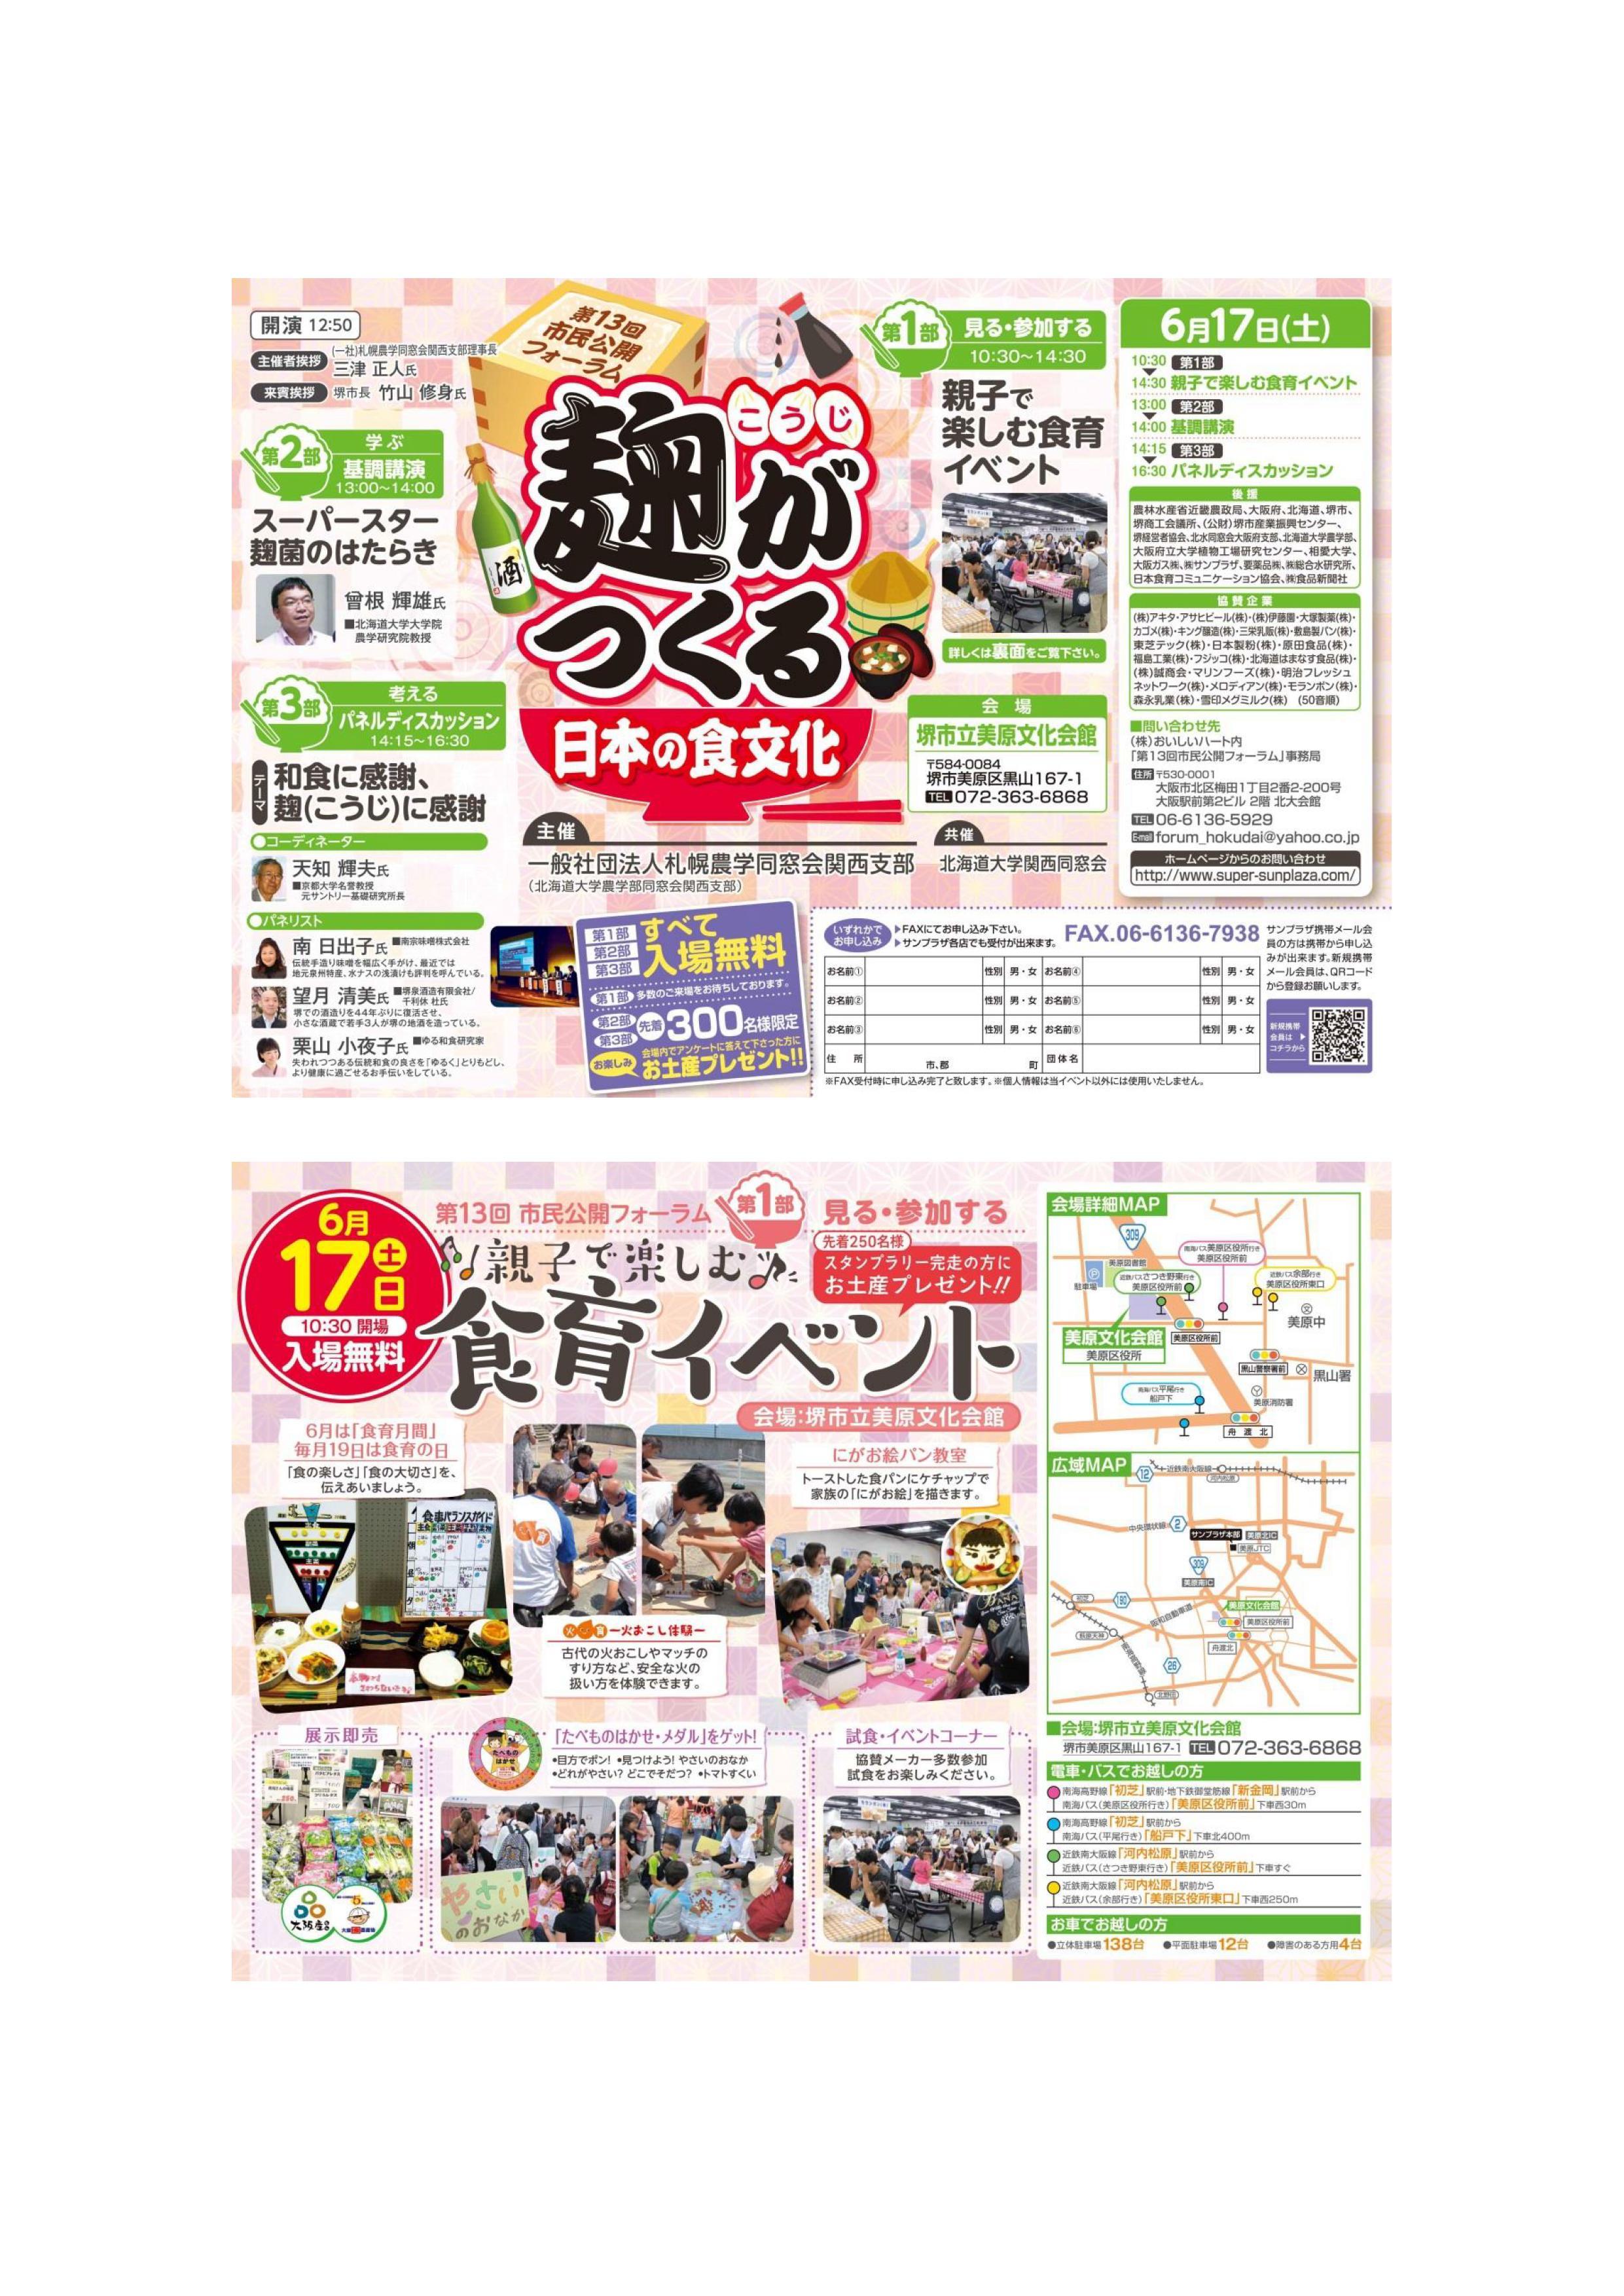 http://www.soai.ac.jp/information/learning/simin-forum0617_03.jpg